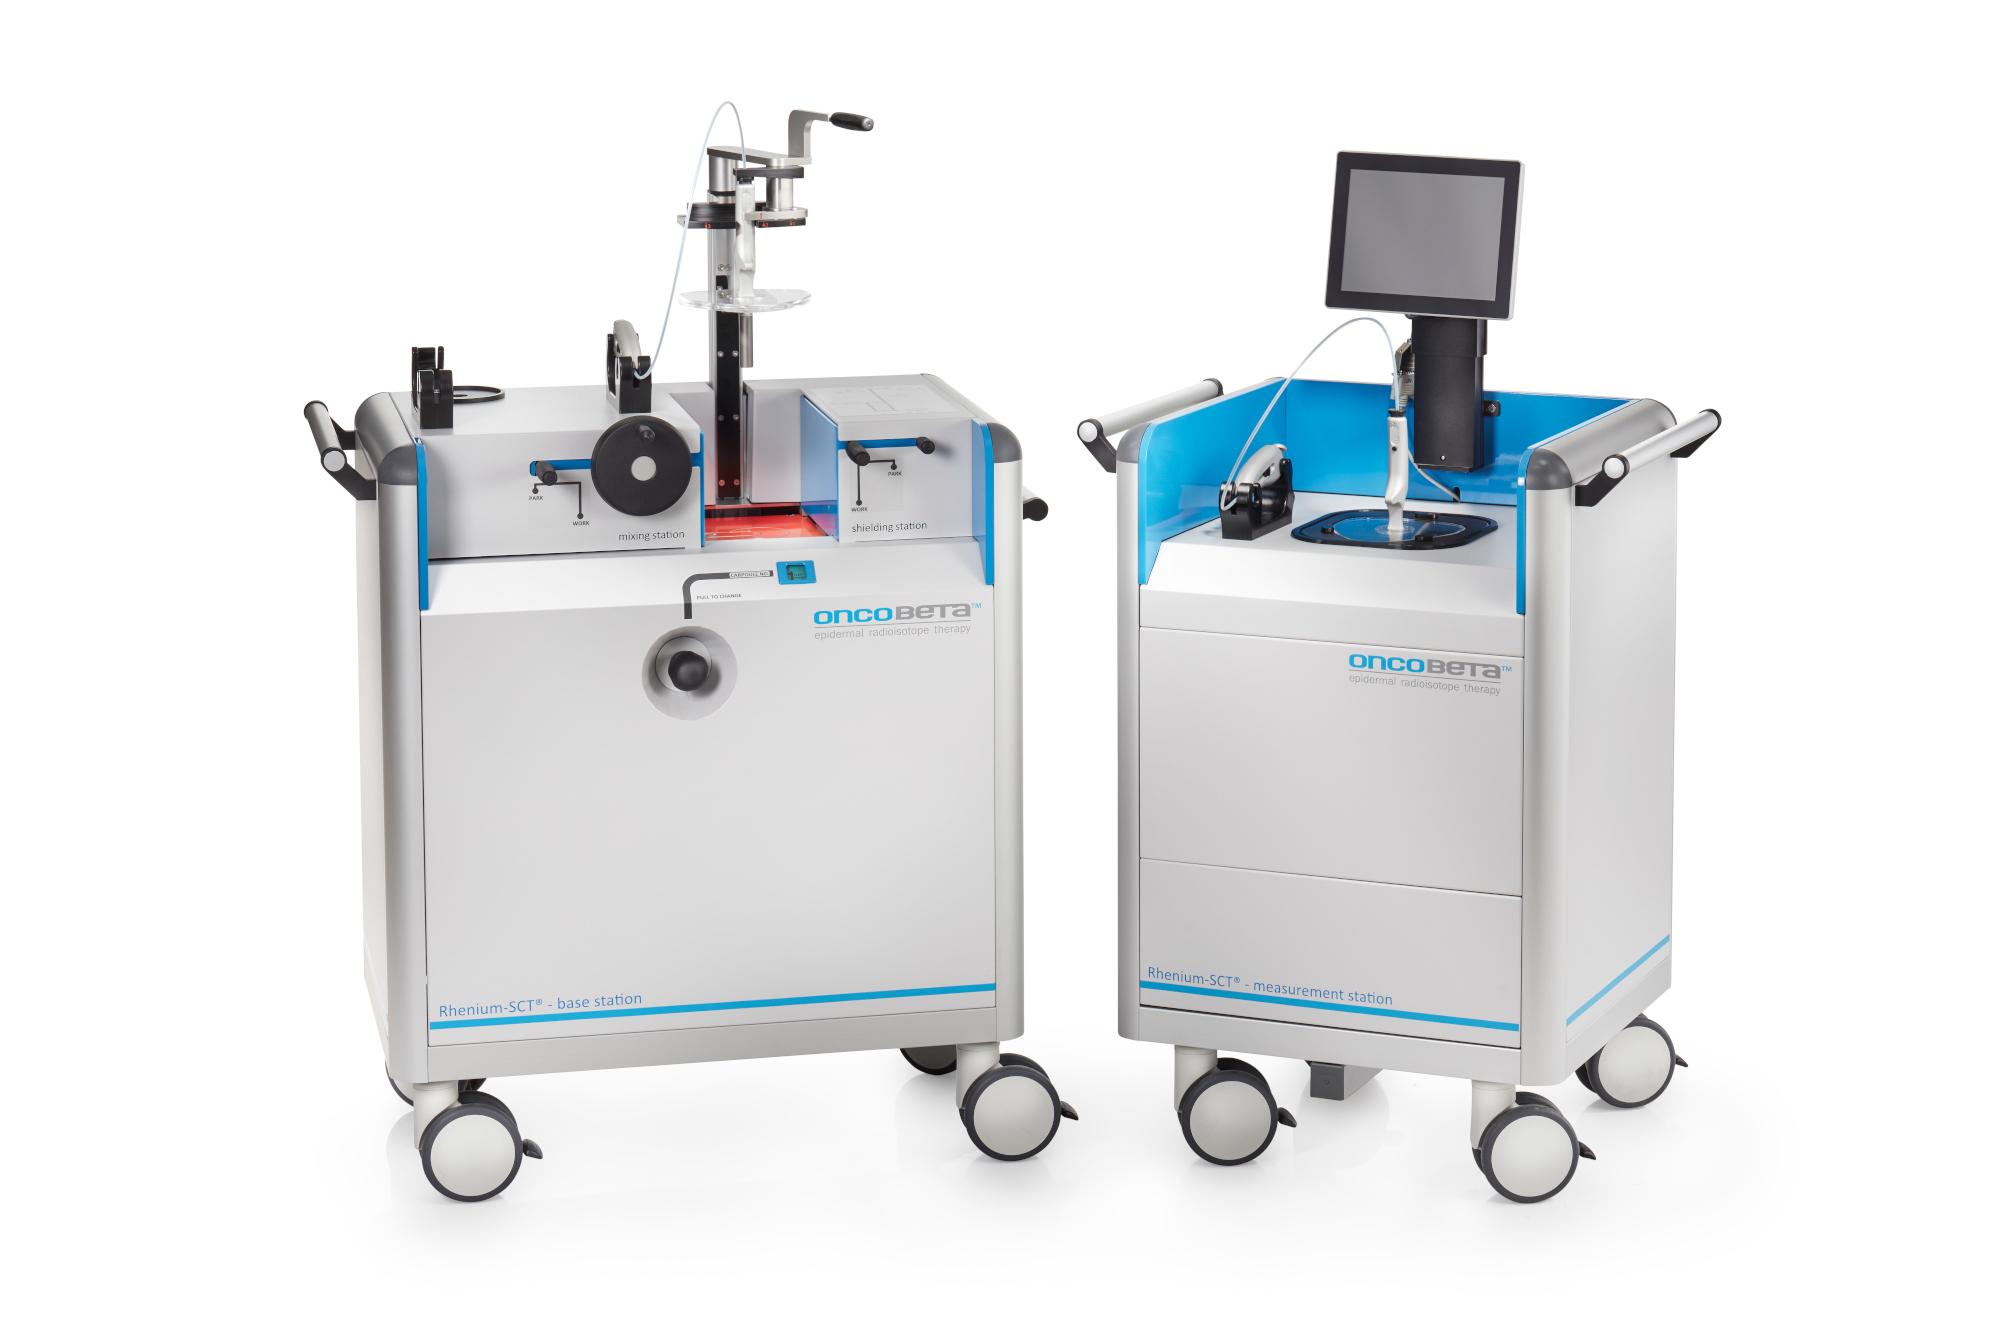 Rhenium-SCT equipment